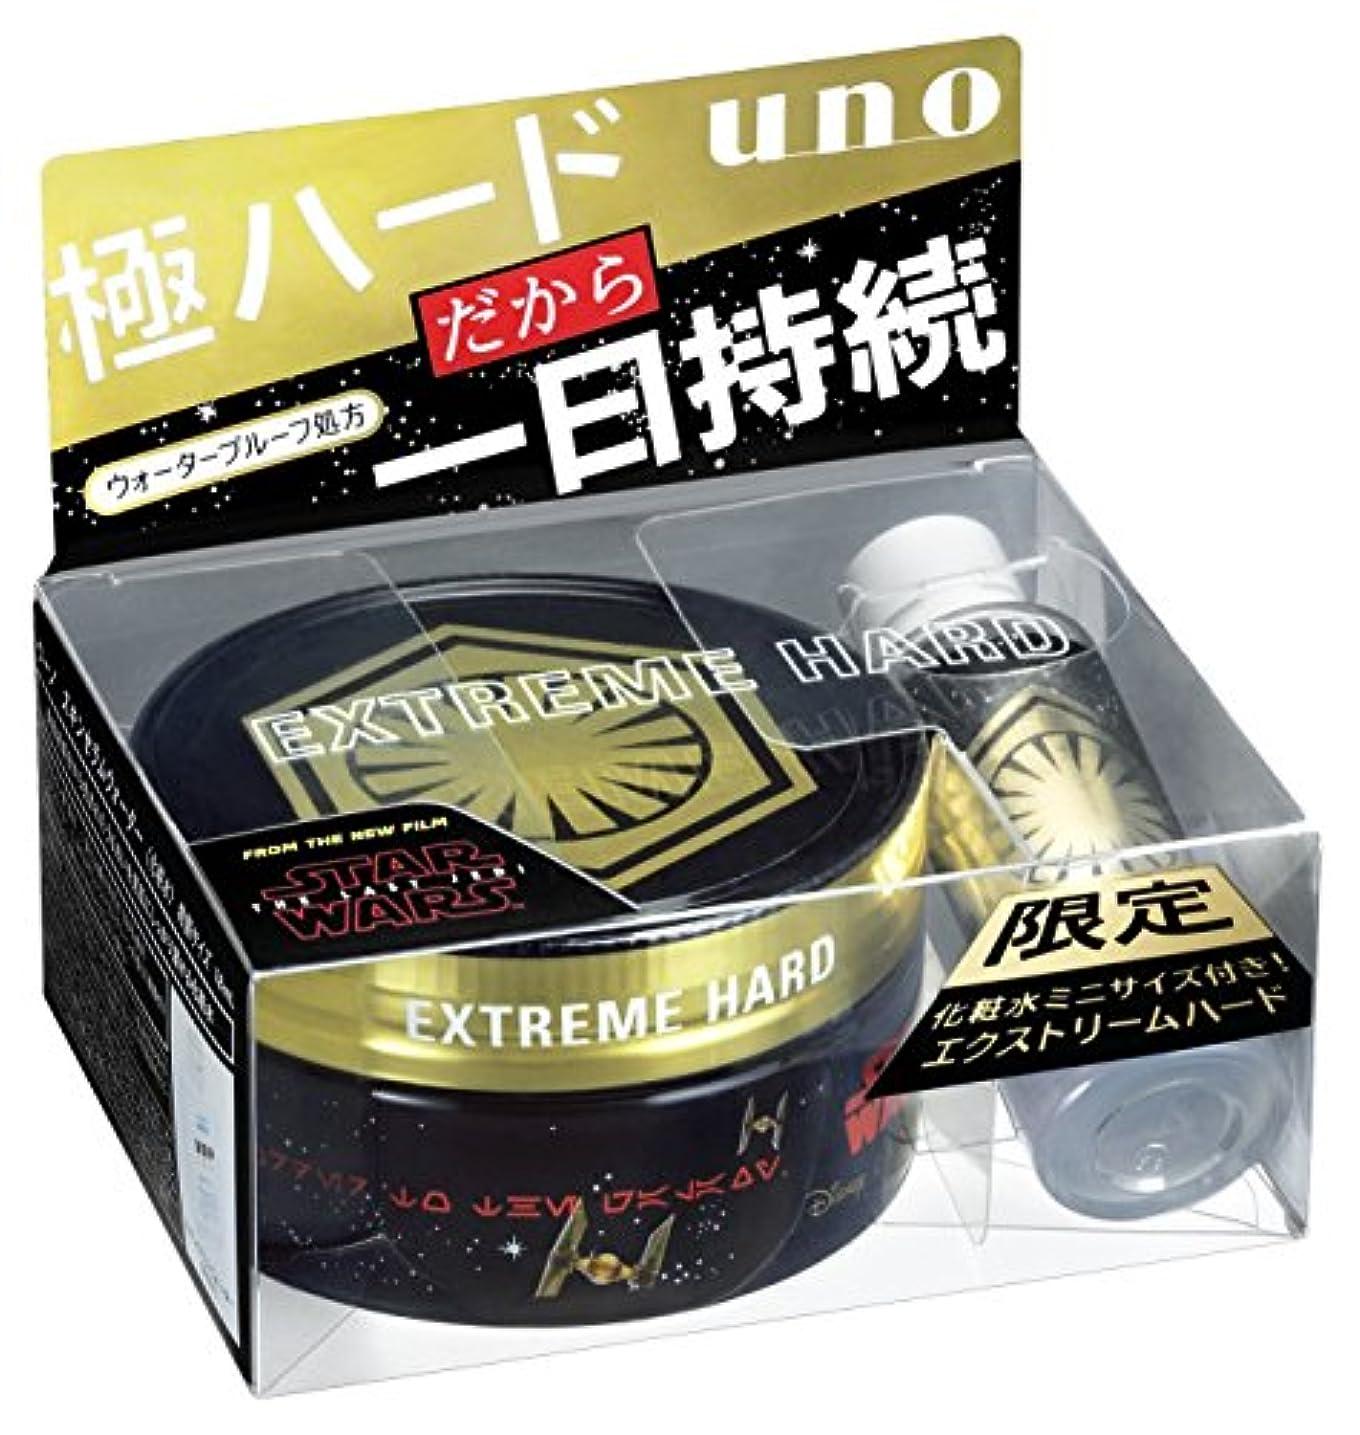 腰大きいホップuno(ウーノ) ウーノ エクストリームハード ワックス 80g スキンセラムウォーターミニボトル付(スターウォーズEp8)